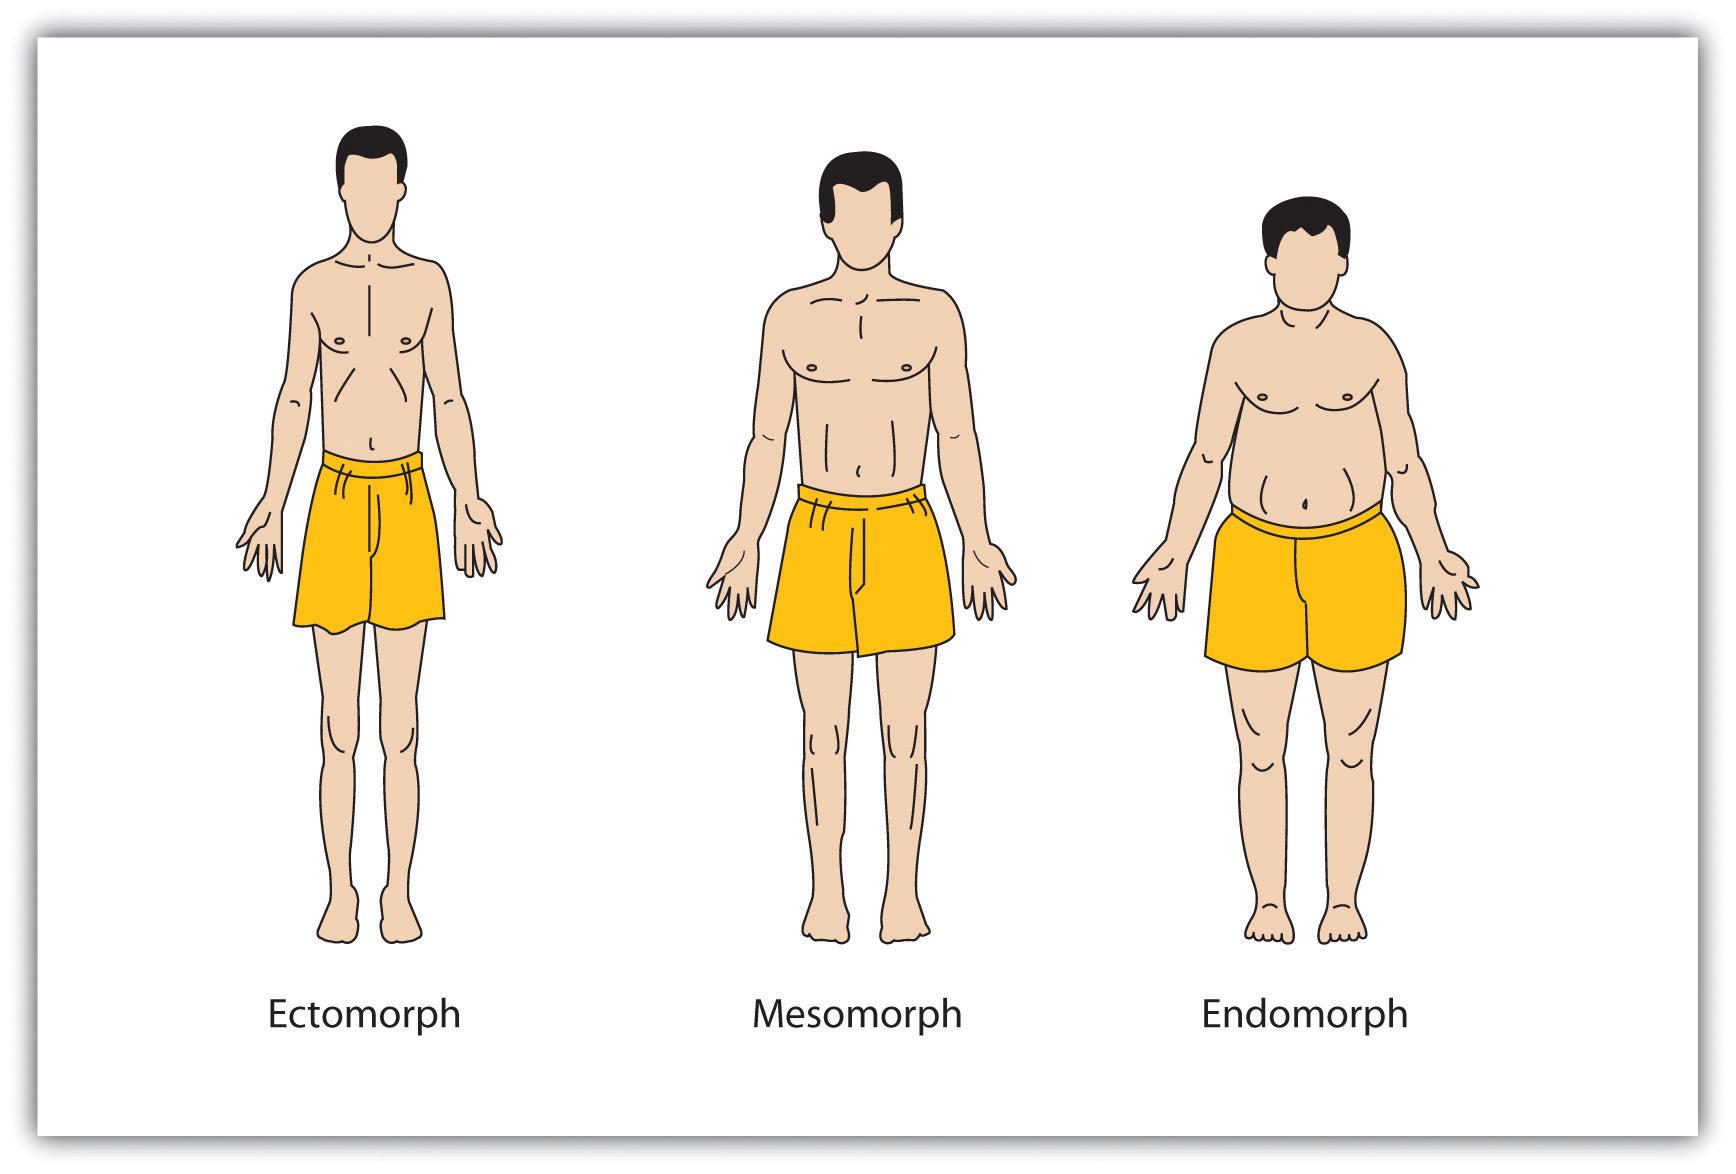 Sheldon's Body Types (Ectomorph, Mesomorph, & Endomorph)